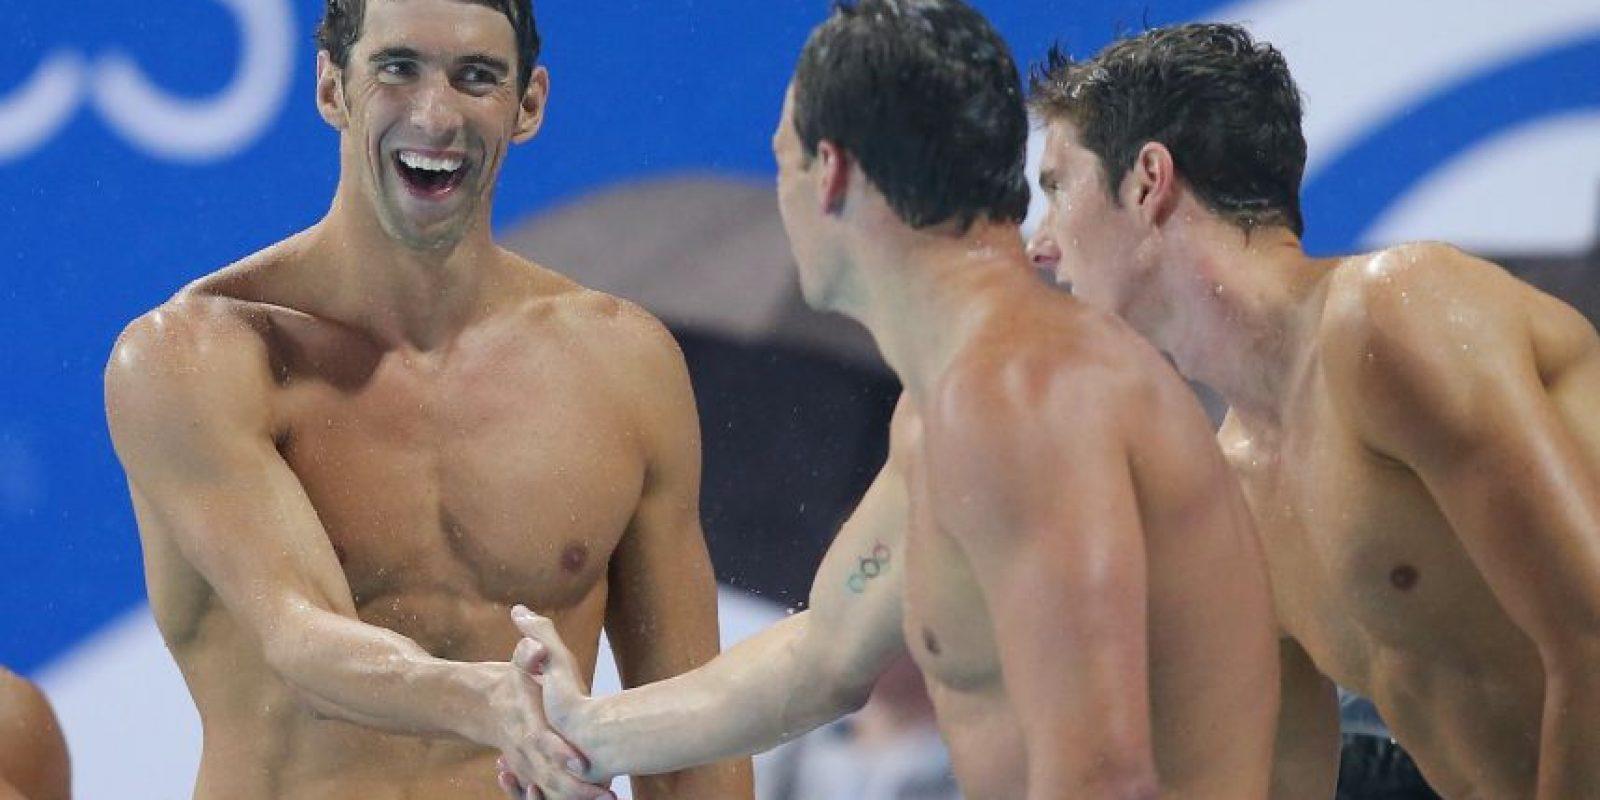 El nadador no ha confirmado ni desmentido los dichos de Taylor Lianne Chandler Foto:Getty Images